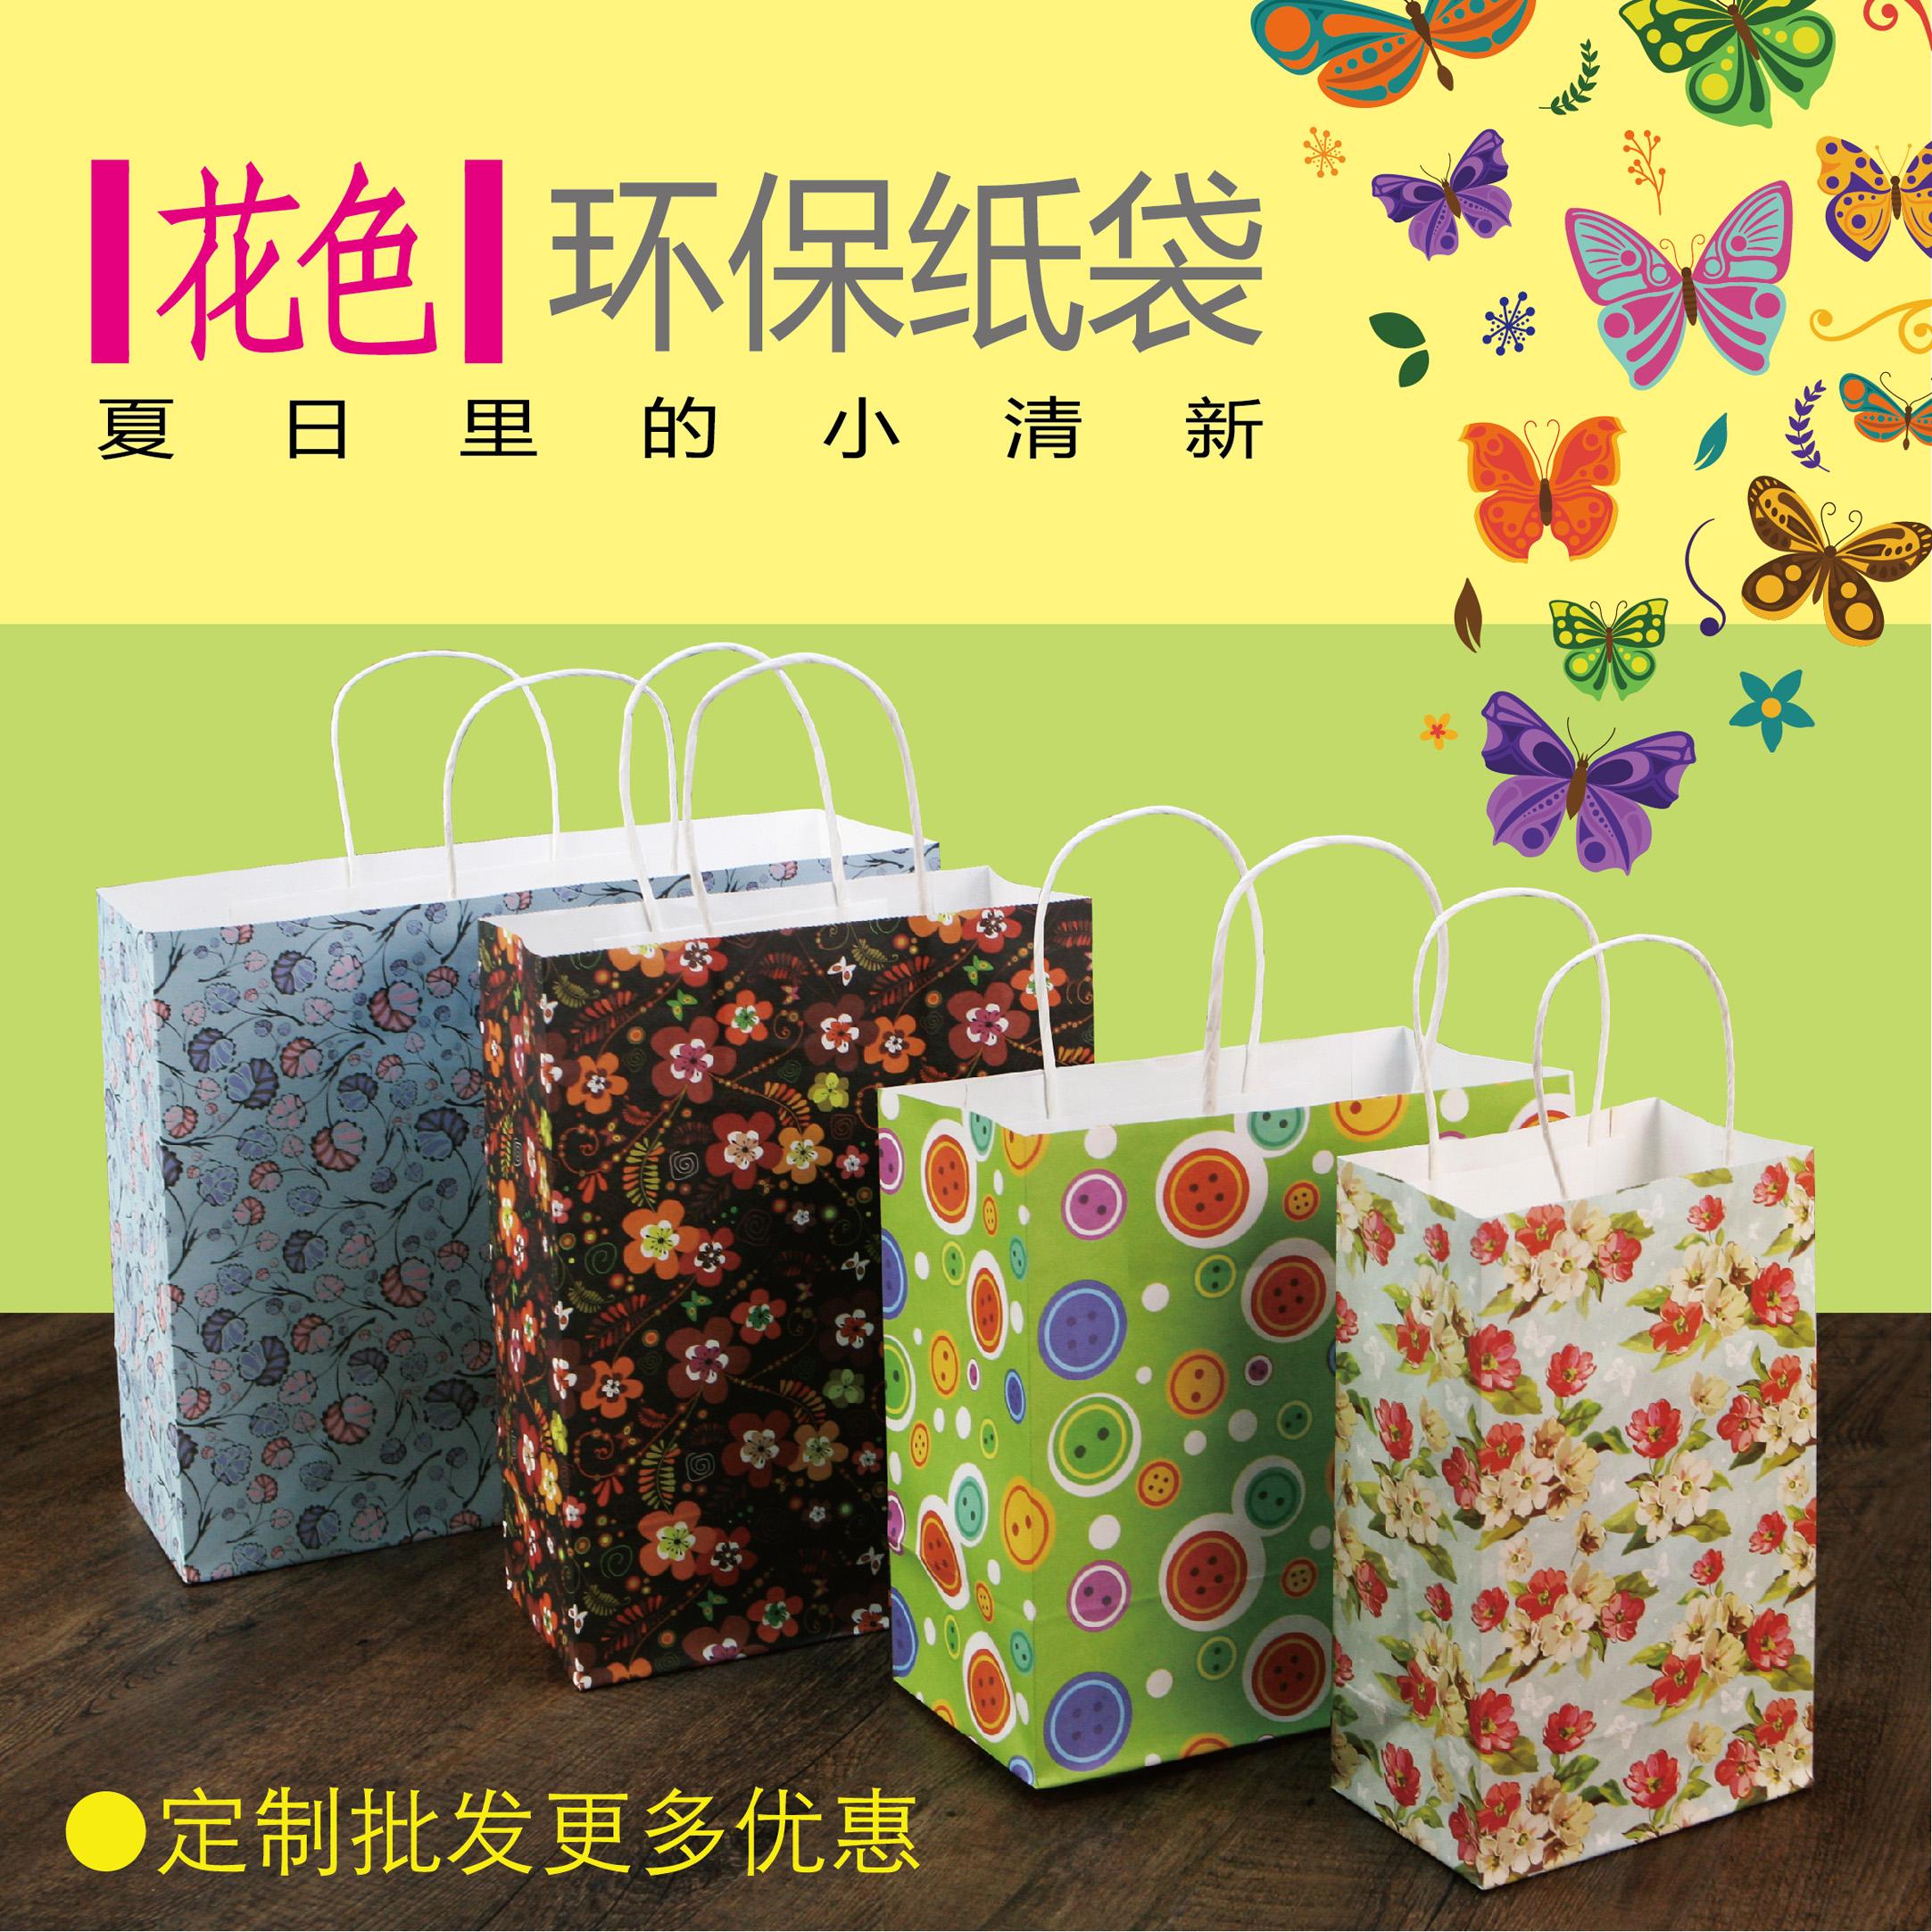 花色10款精美小清新纸袋服装女鞋礼品袋外贸出口厂家直销包邮